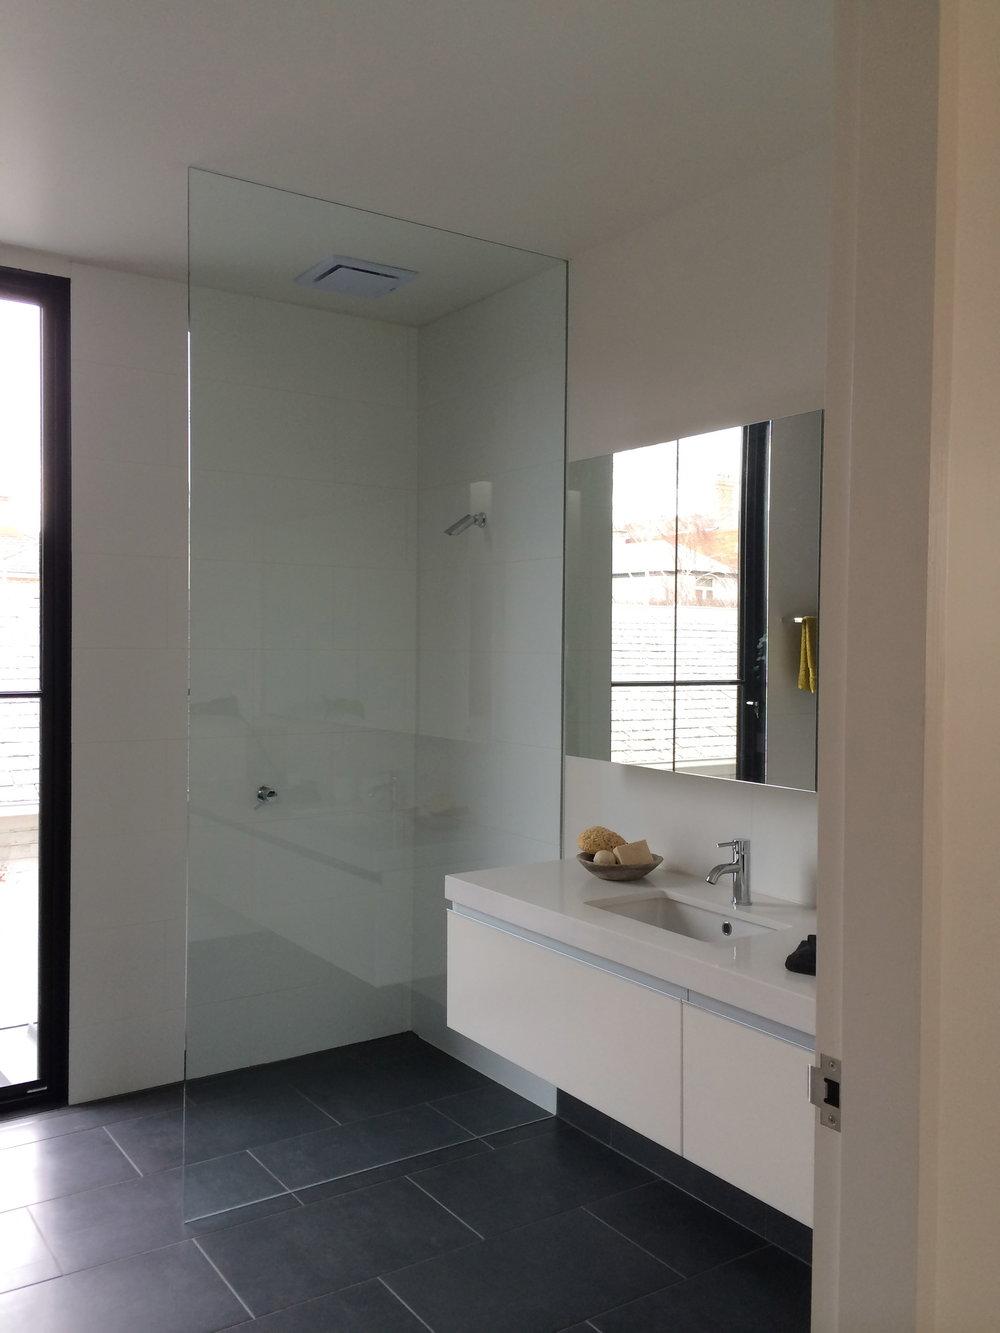 showerscreen_02.jpg